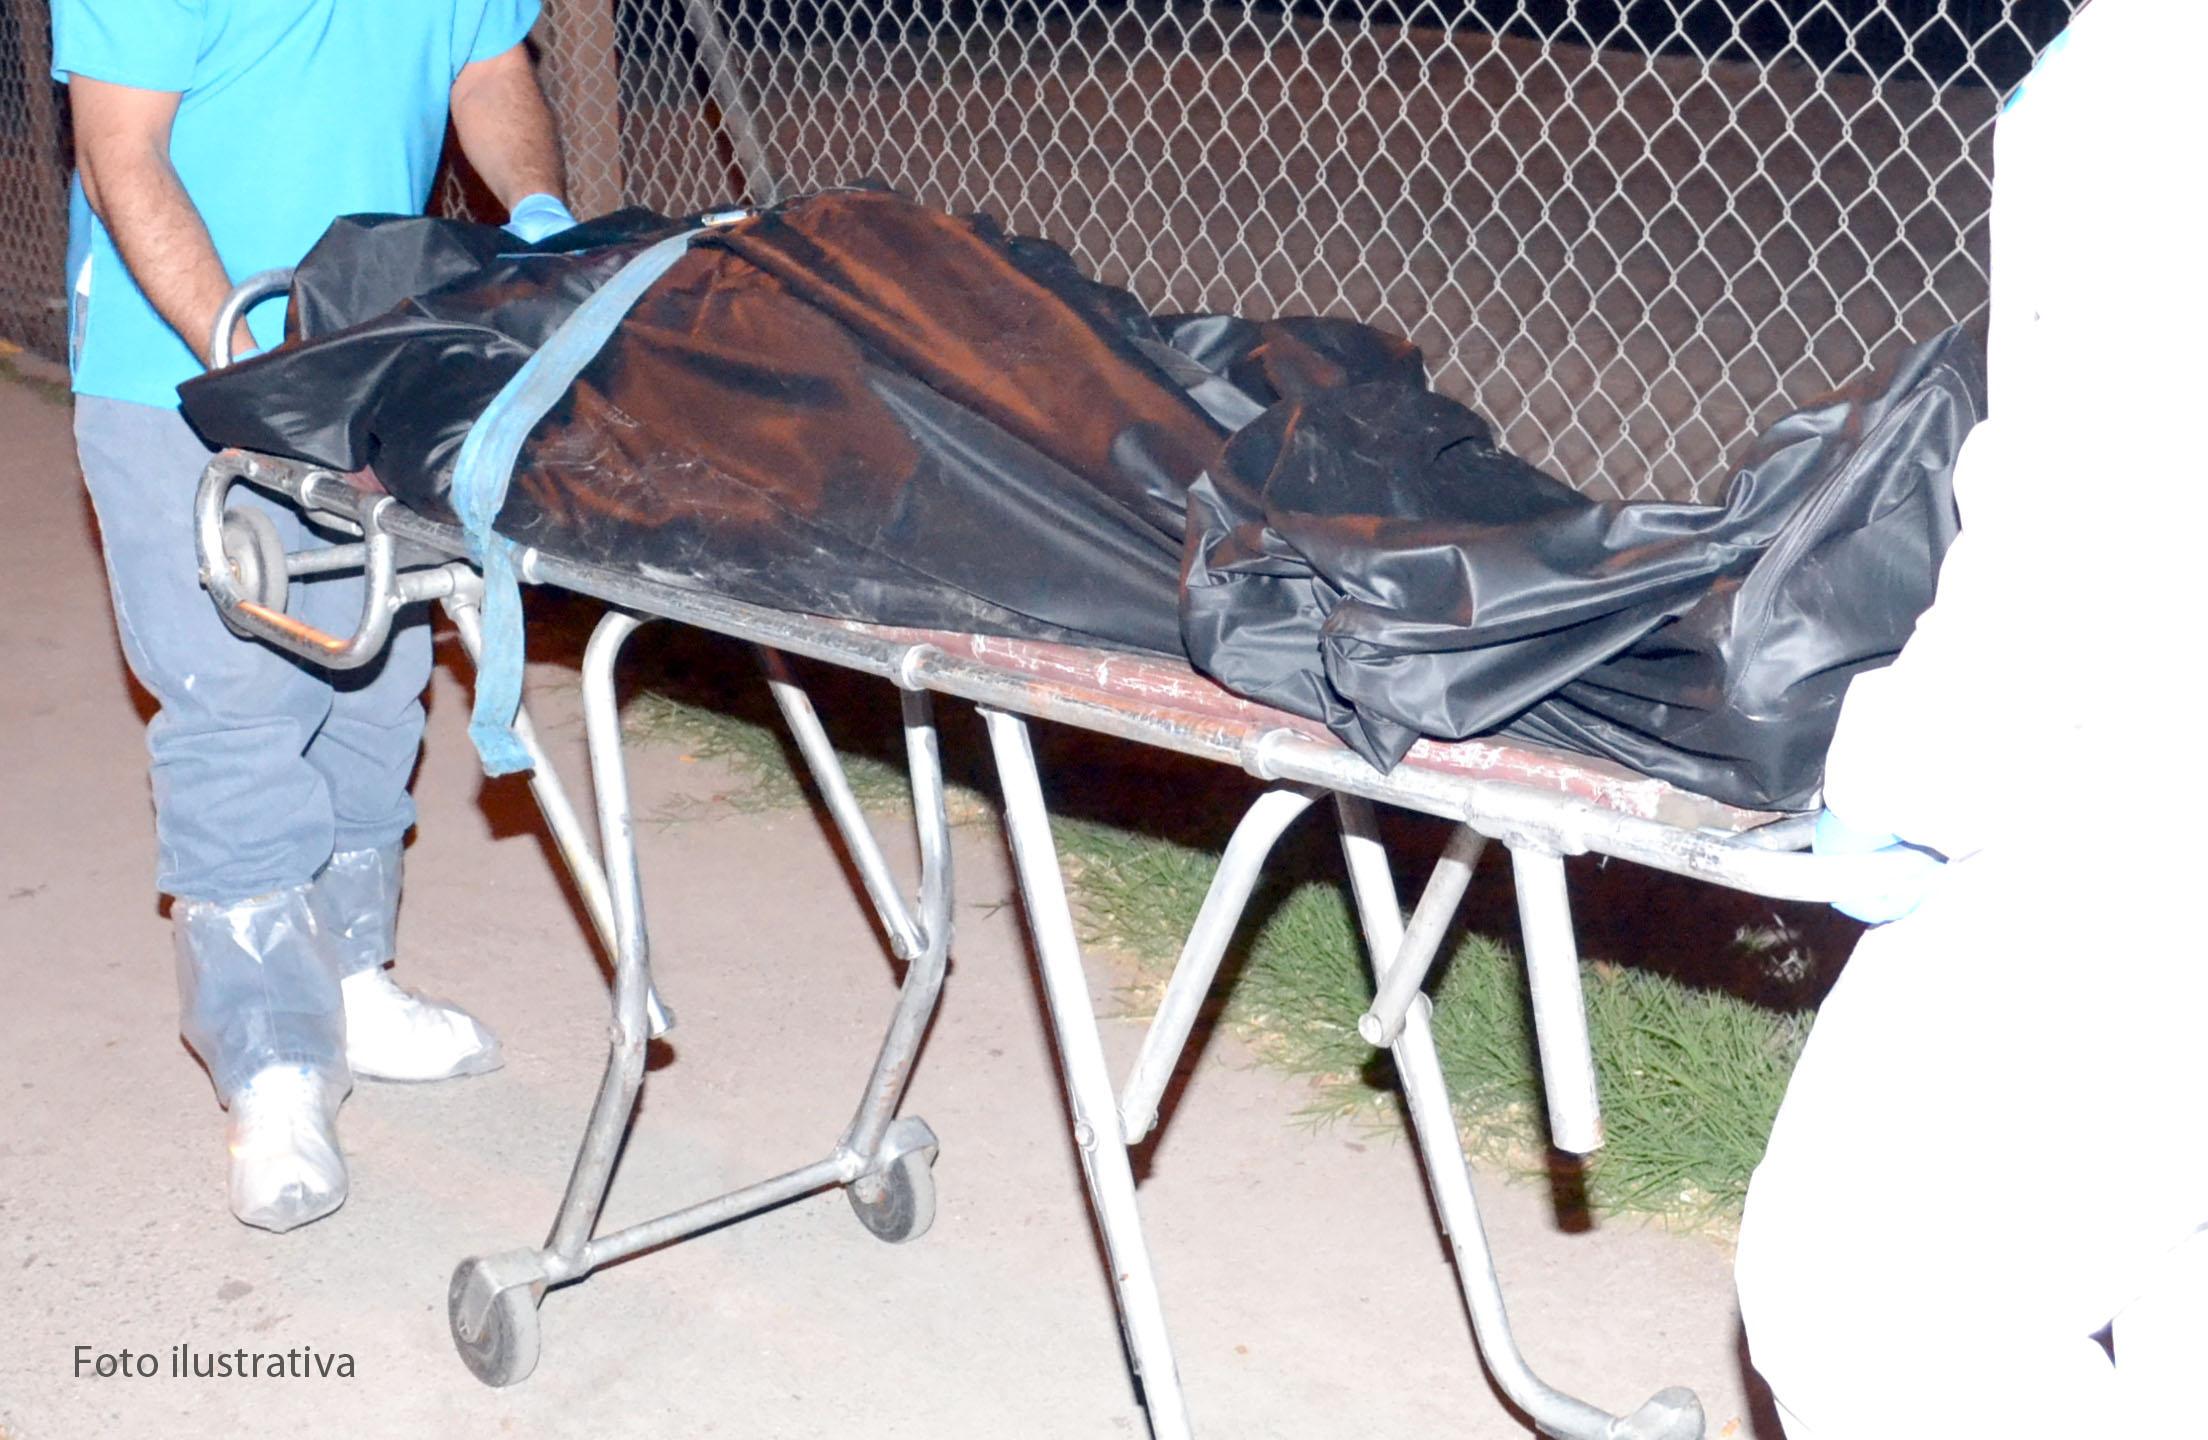 Algunas funerarias venden certificados de defunción patito